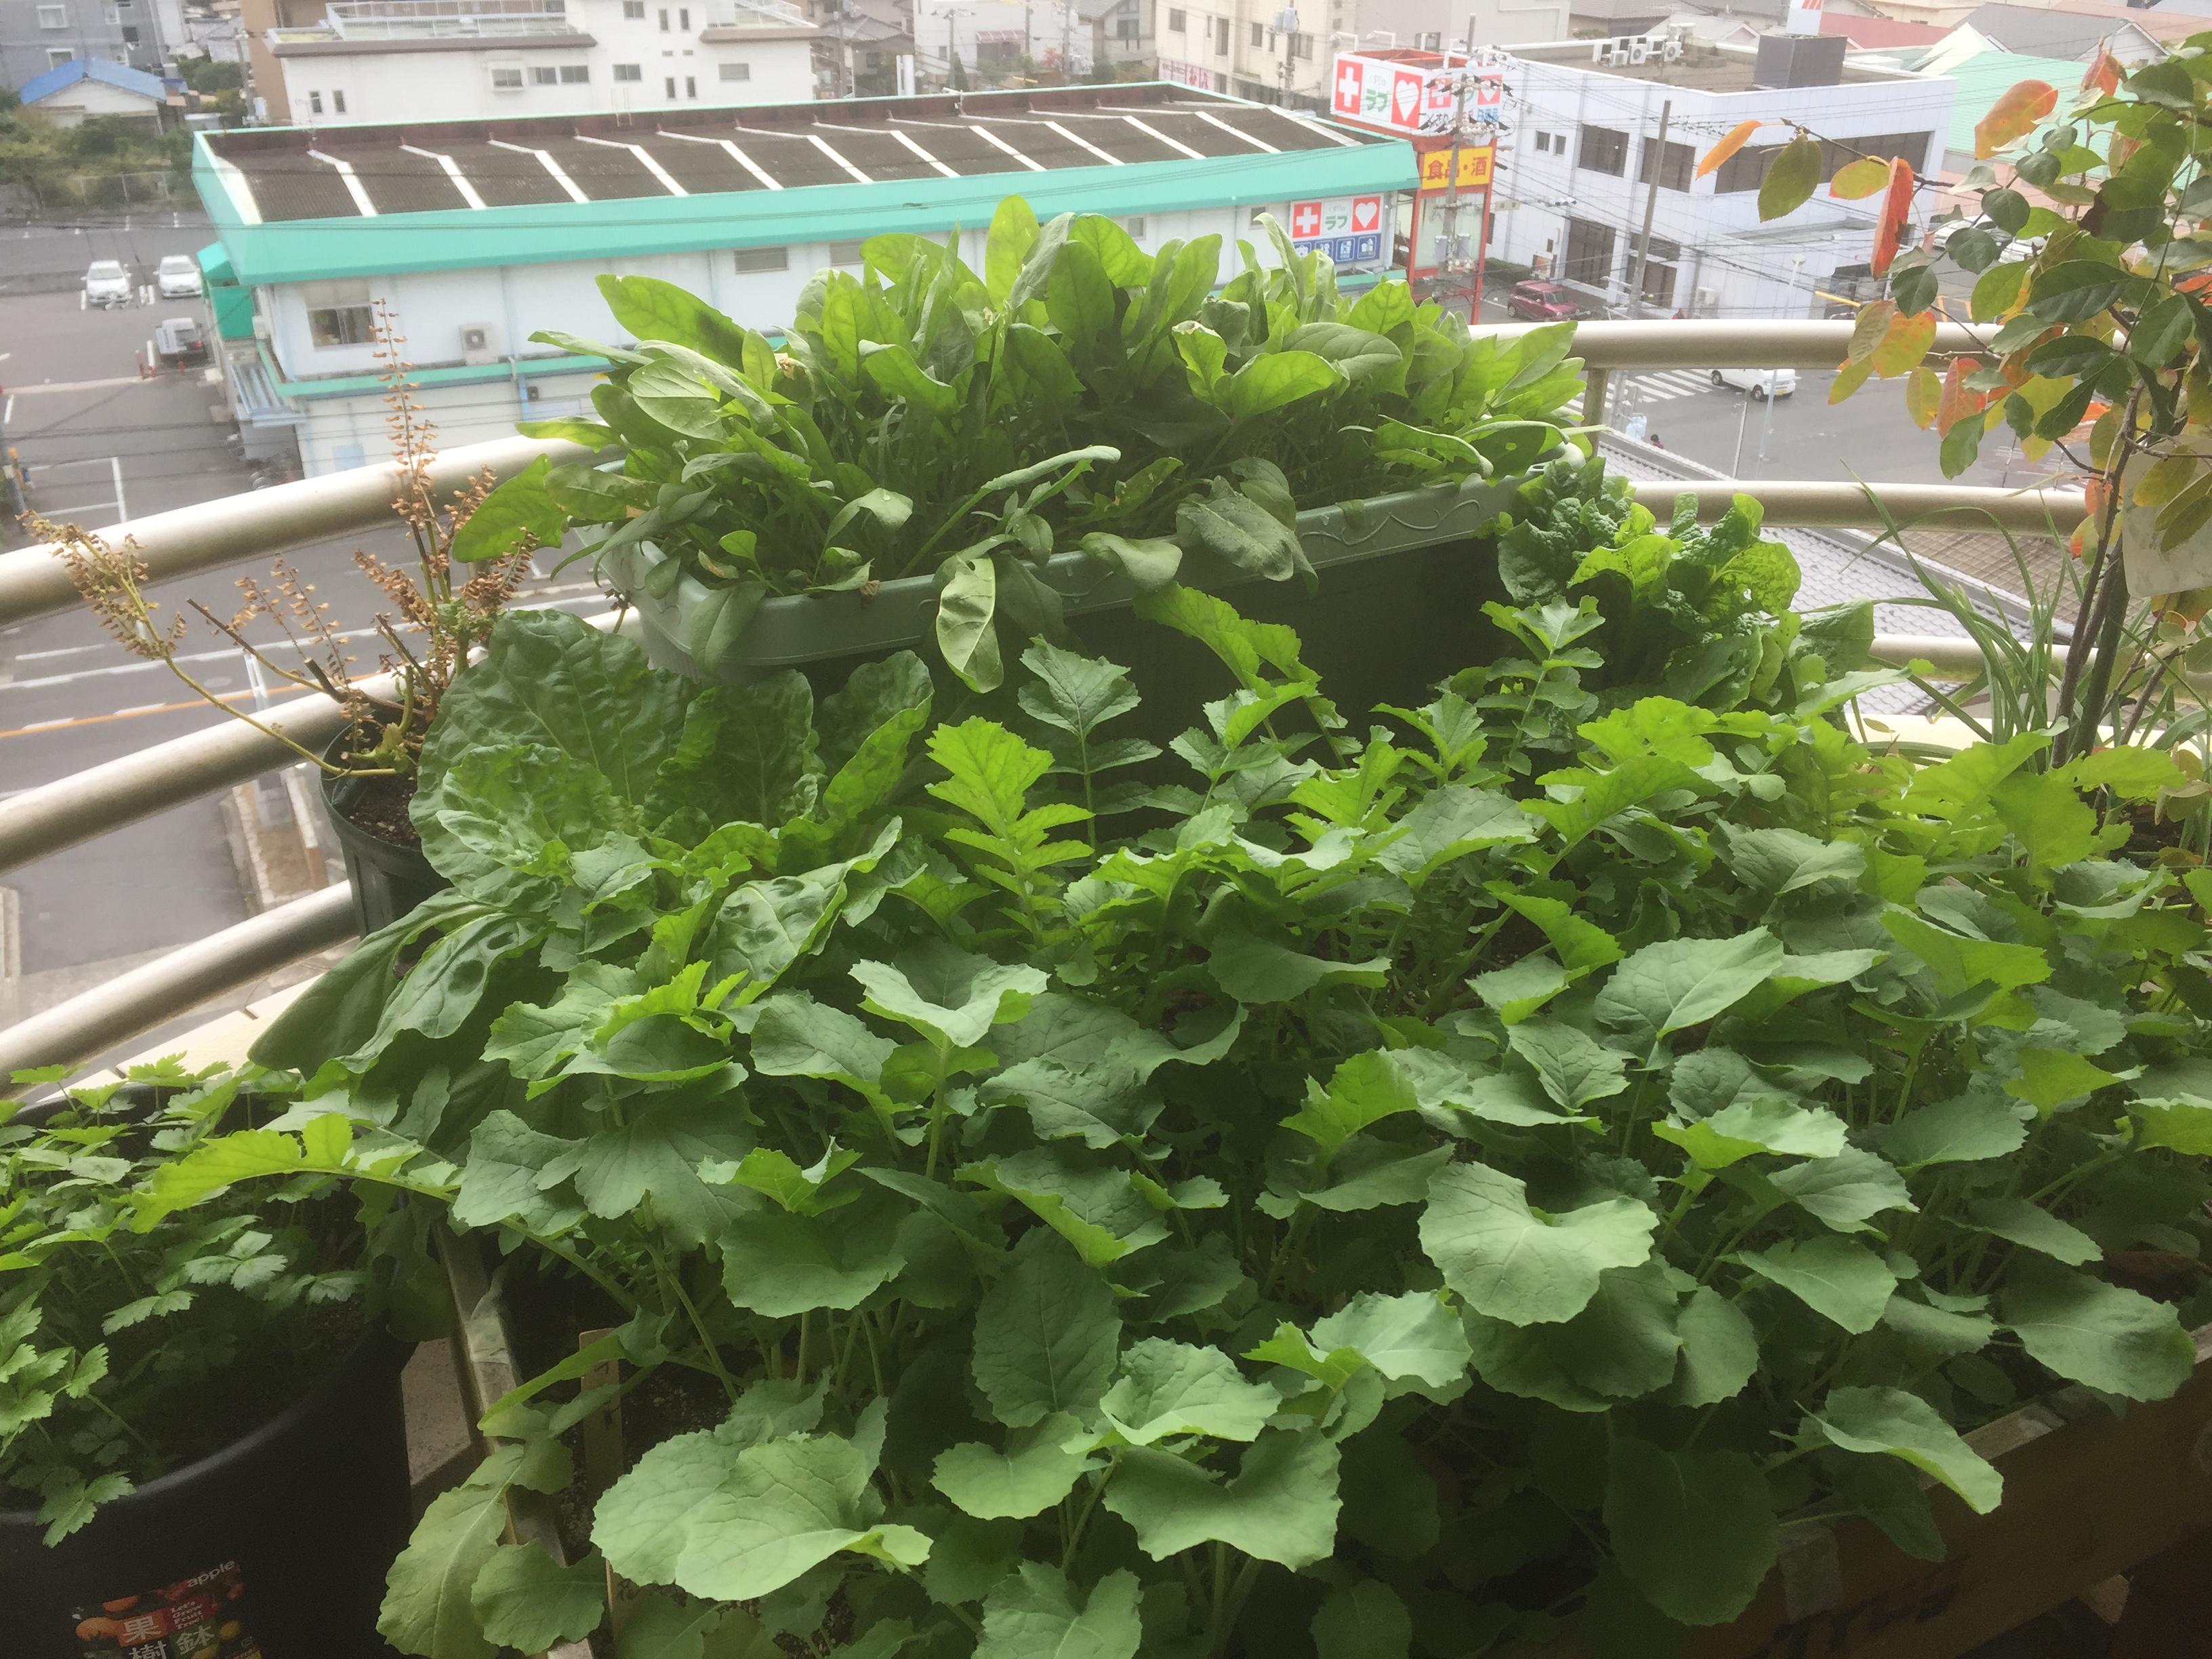 ベジトラグ菜園ジャングル